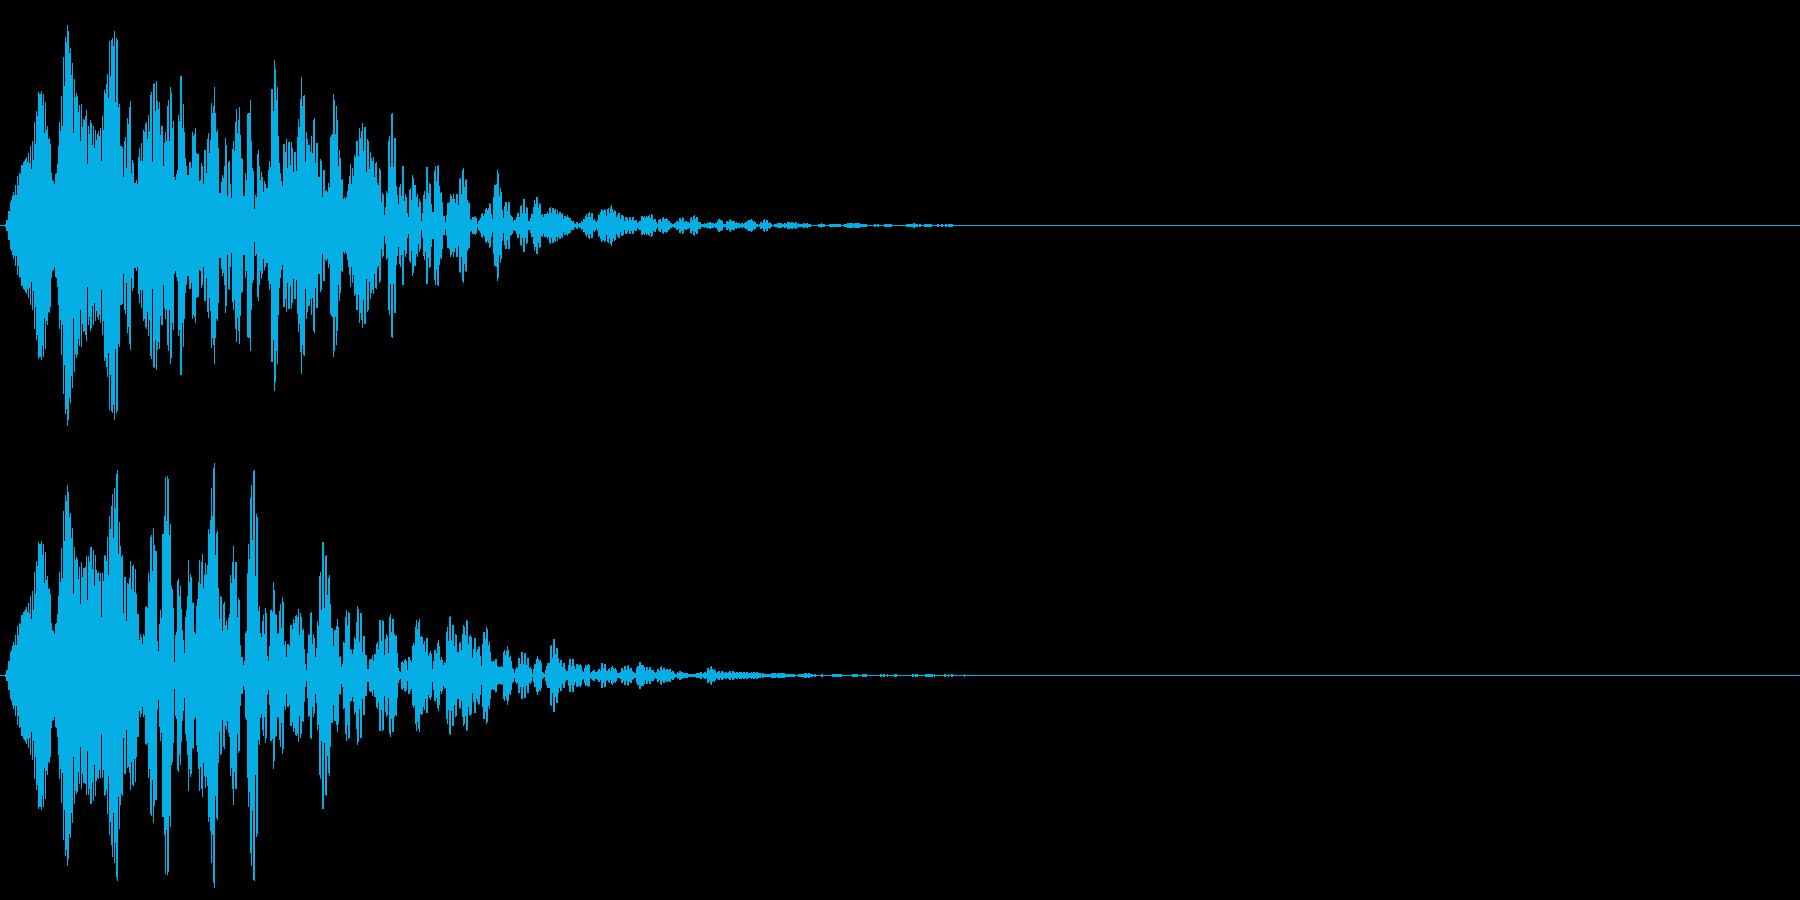 ヒュルルル(キャンセル音)の再生済みの波形